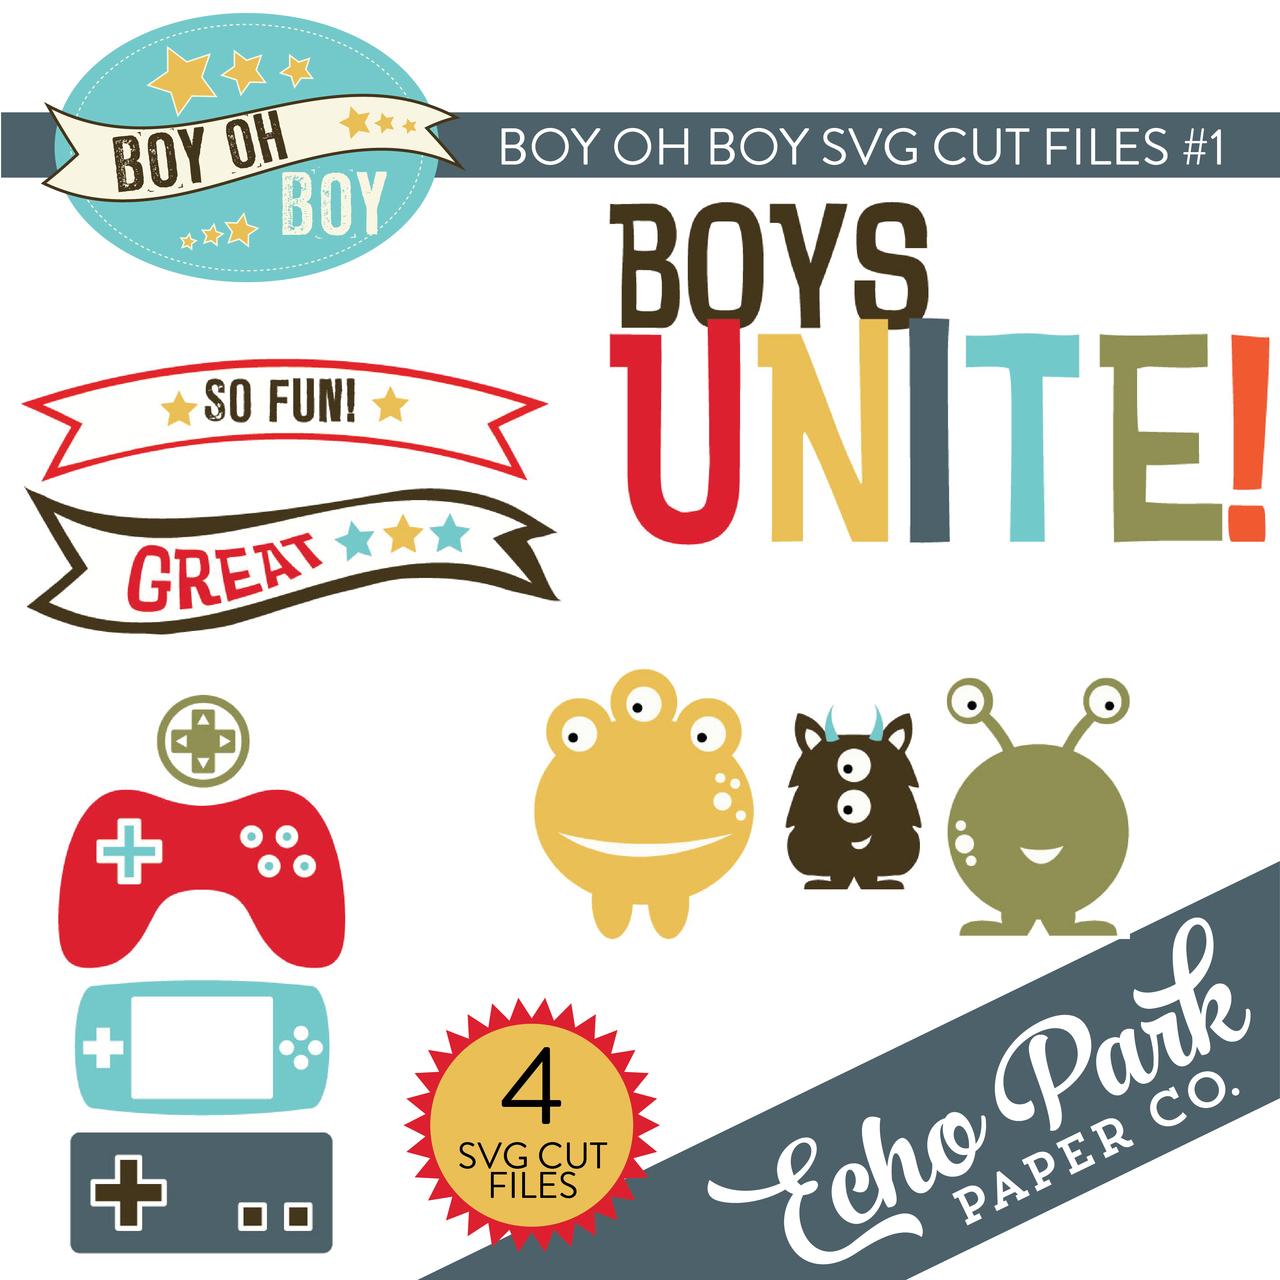 Boy Oh Boy SVG Cut Files #1